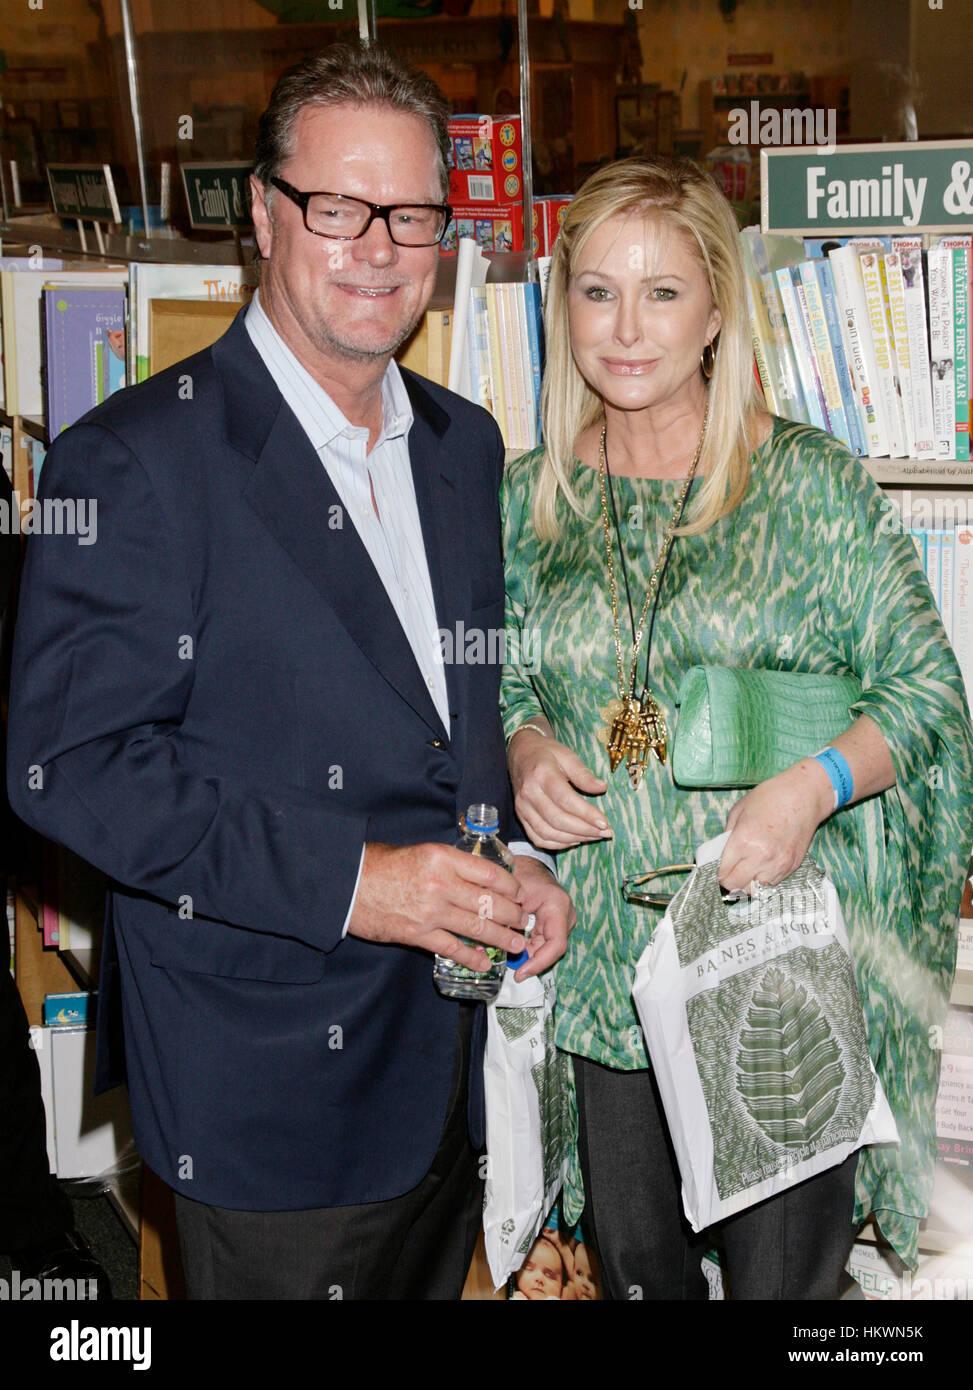 Kathy Hilton And Rick Hilton At A Book Signing At The Barnes Noble